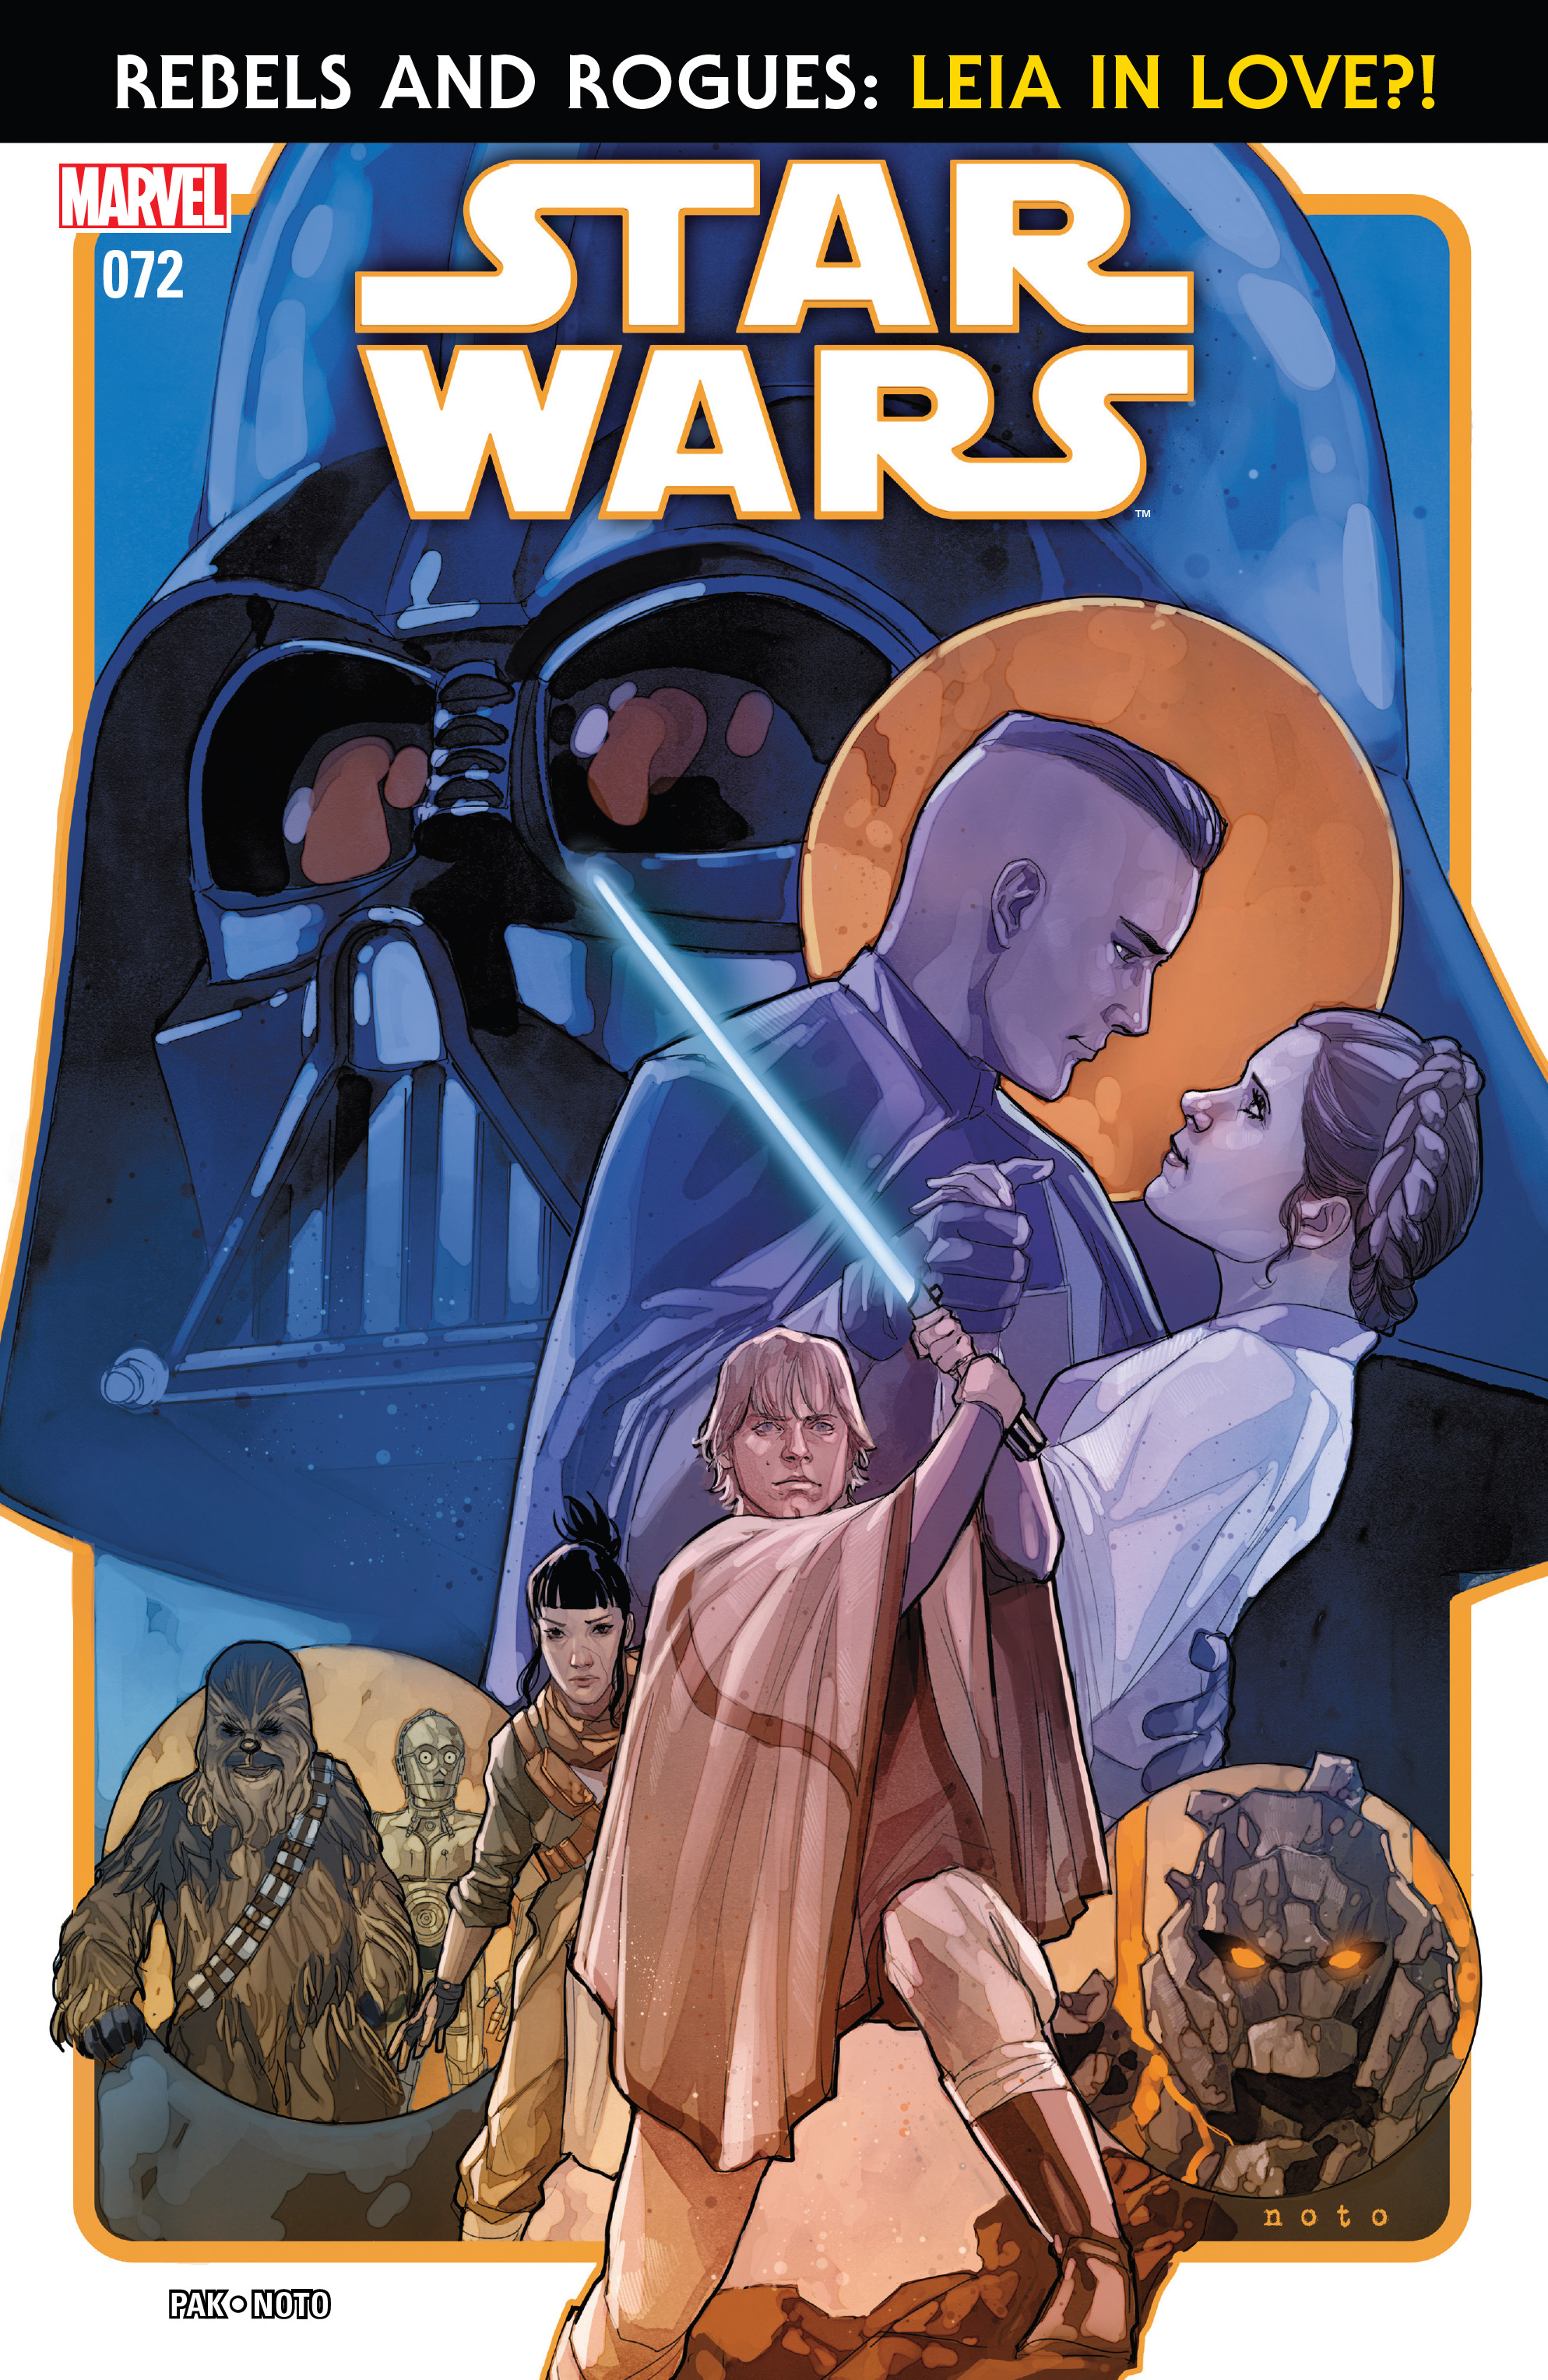 Звёздные войны 72: Мятежники и изгои, часть 5